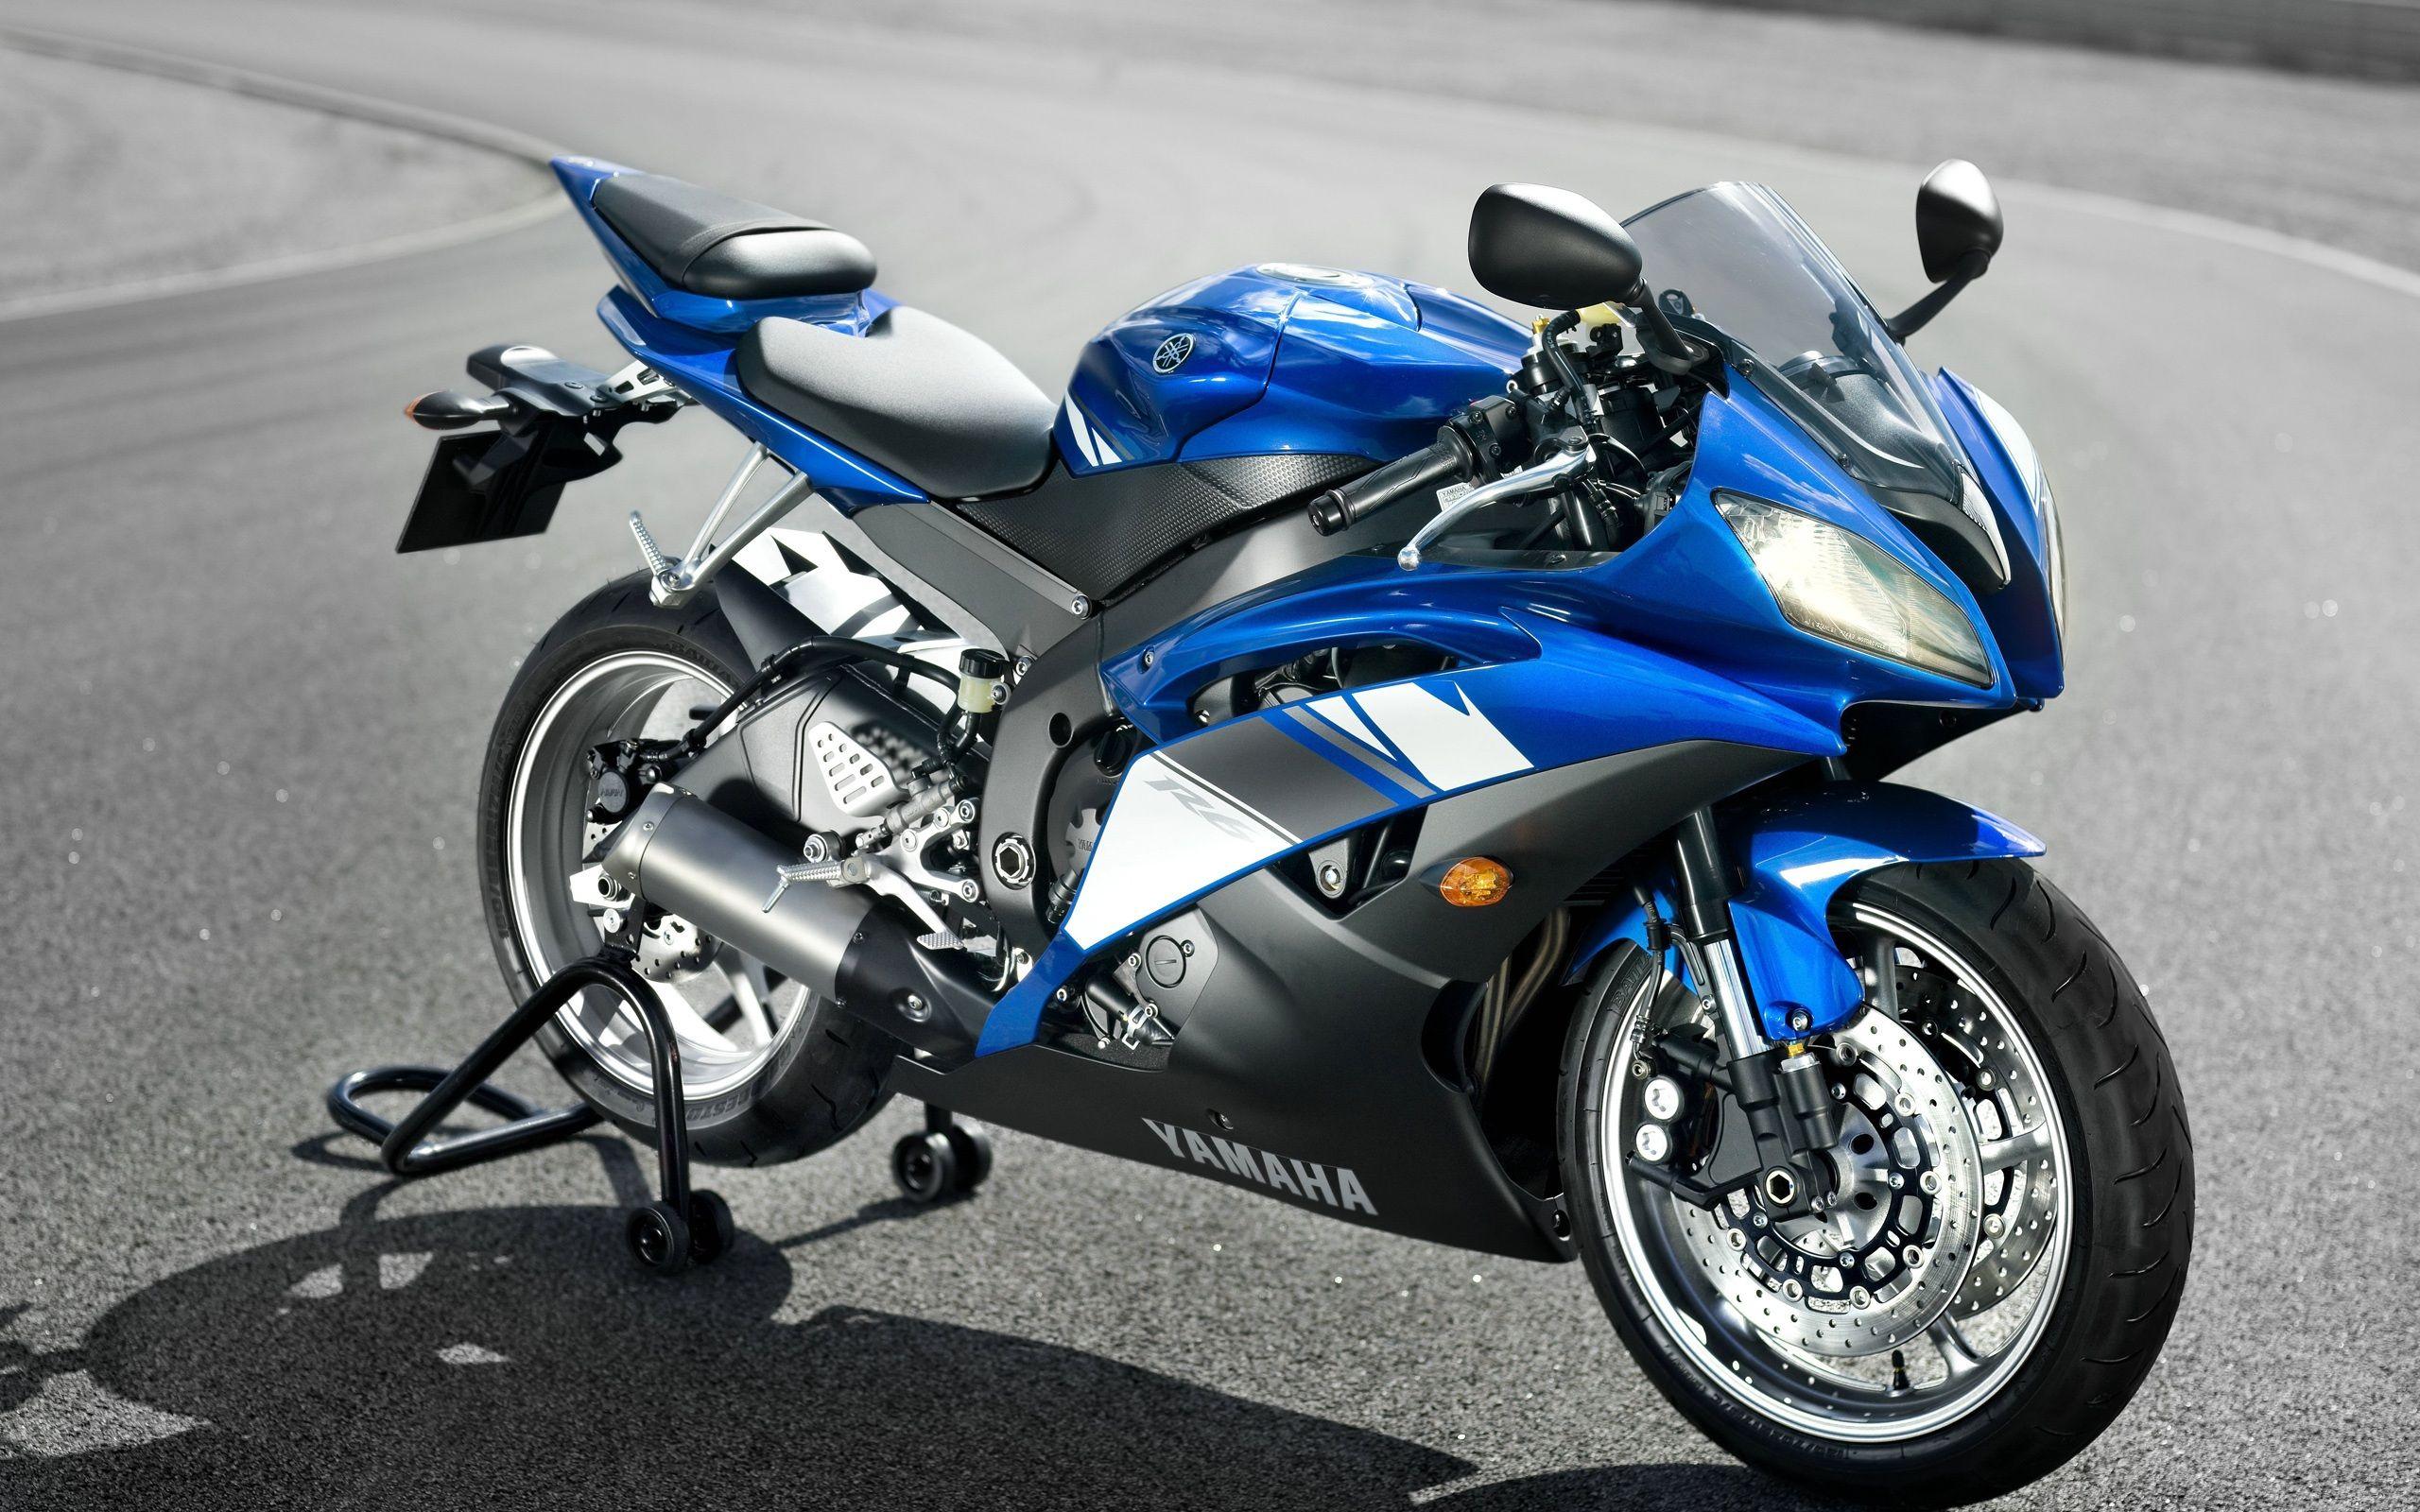 Google chrome themes yamaha - Yamaha Motorcycles Yzf R6 Yamaha Motorcycle Yzf R6 Wallpapers Pictures Photos Images